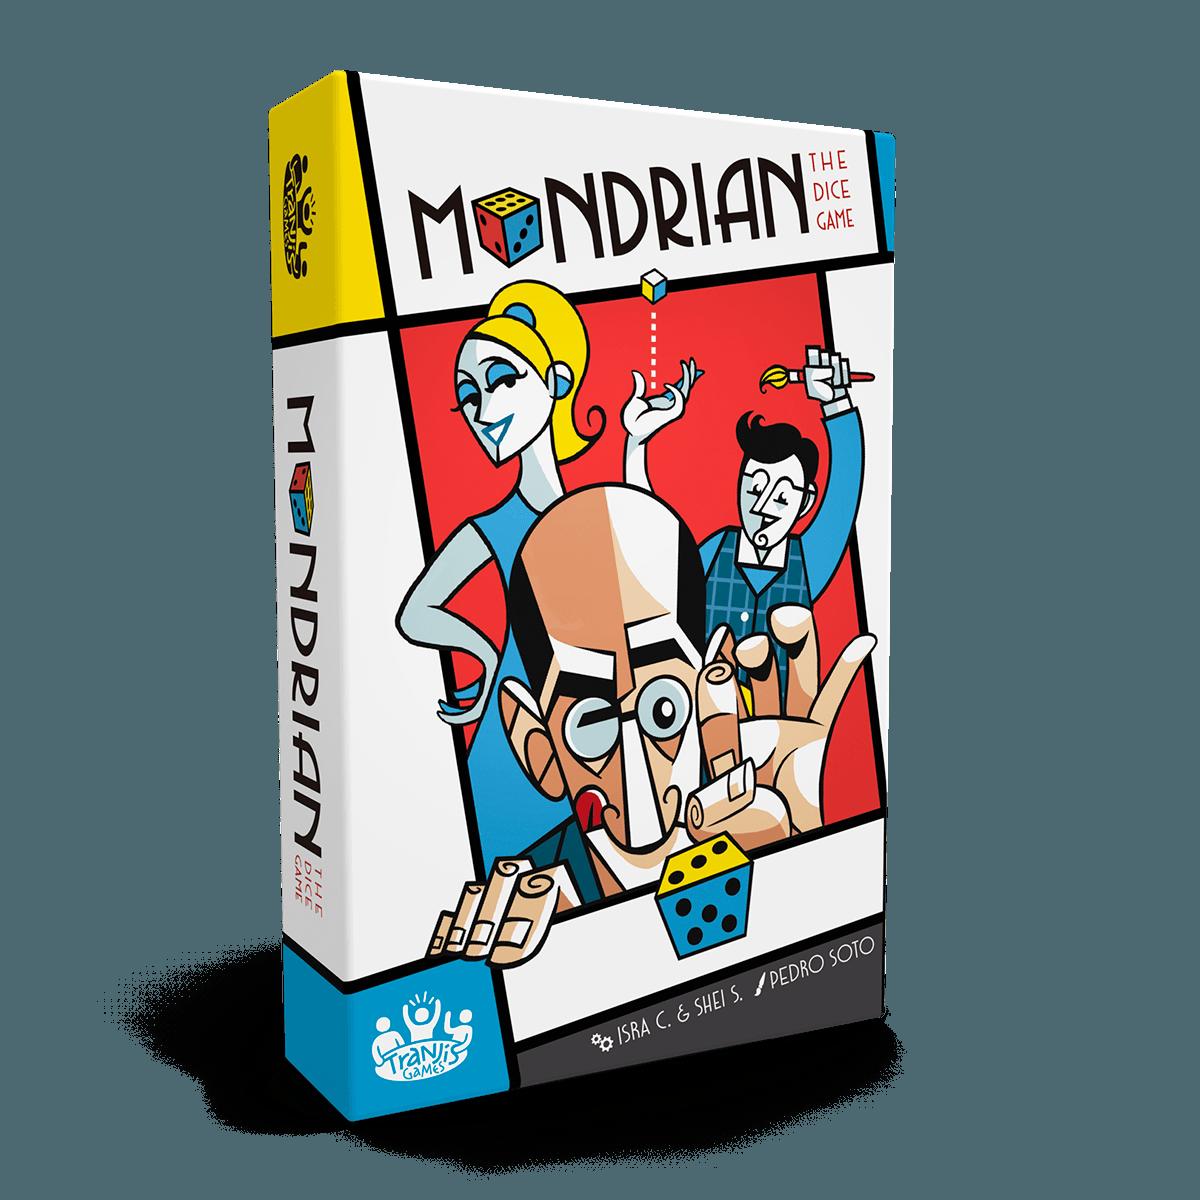 Juego De Mesa Mondrian Un Juego Vanguardista Tranjis Games